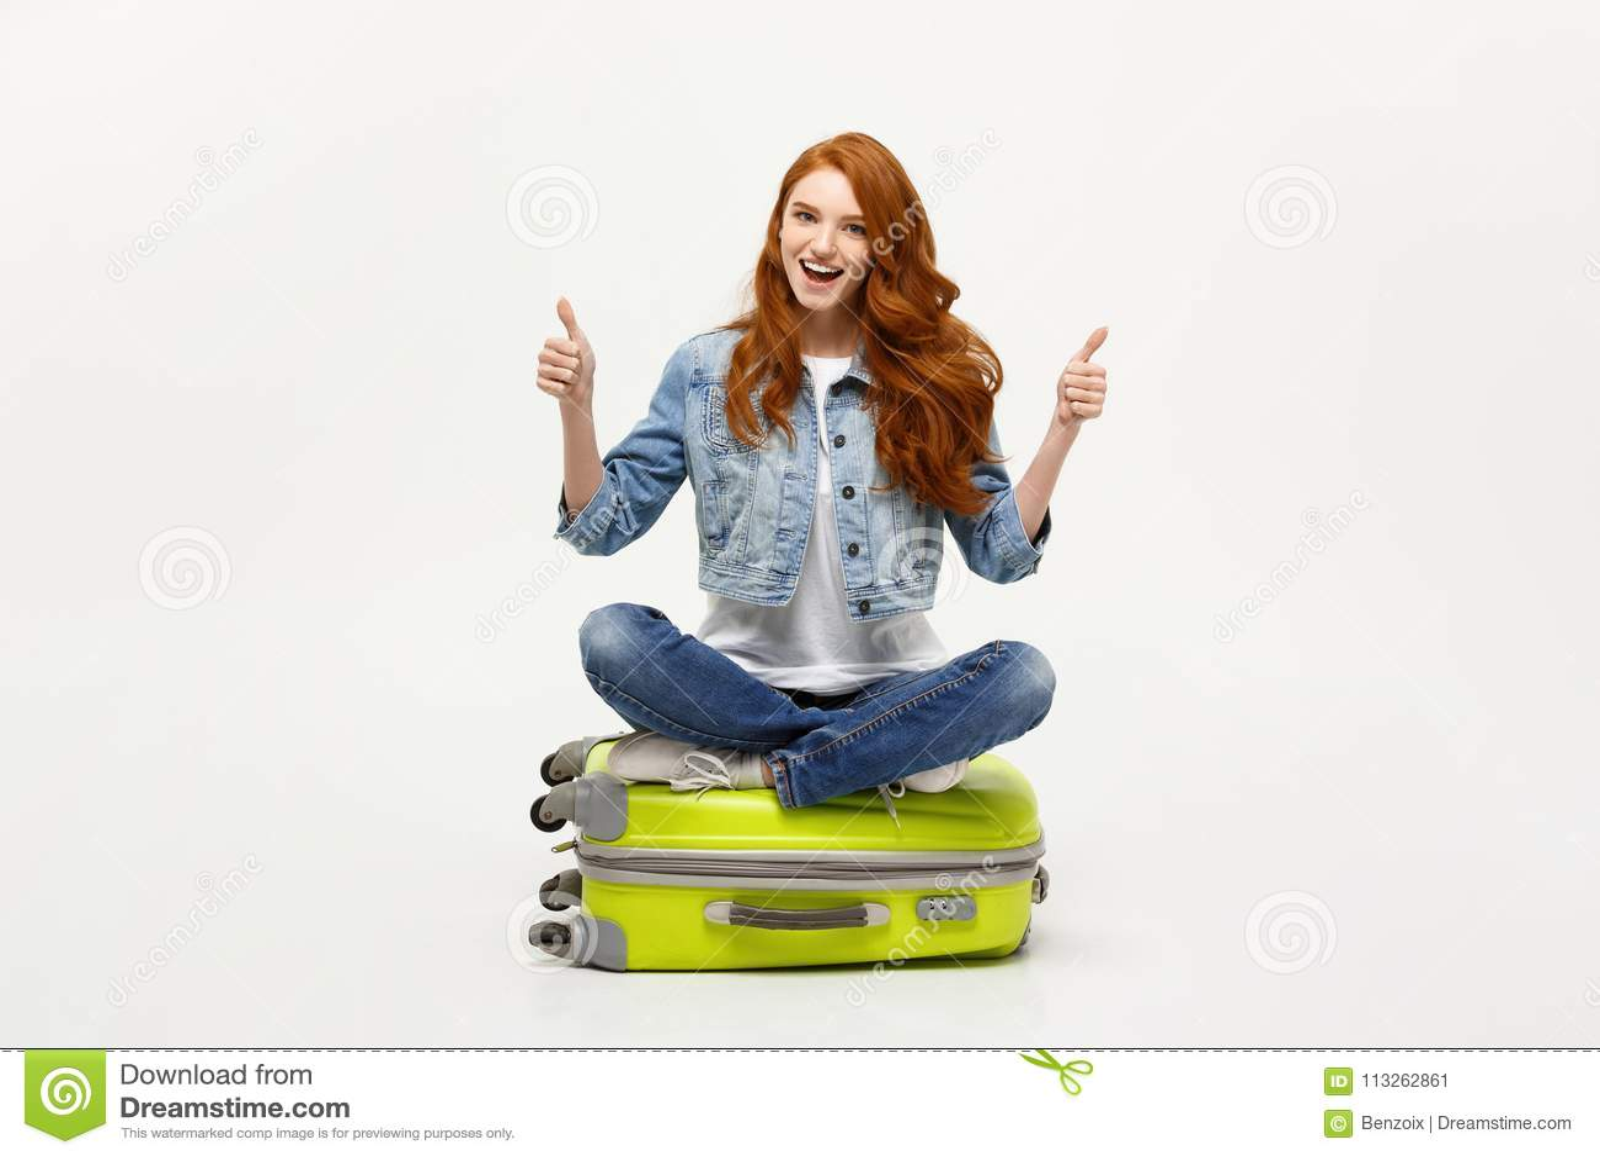 Reisen und Lebensstilkonzept Junge aufgeregte kaukasische Frau, die auf dem Gepäck valise sich zeigt Daumen sitzt Getrennt